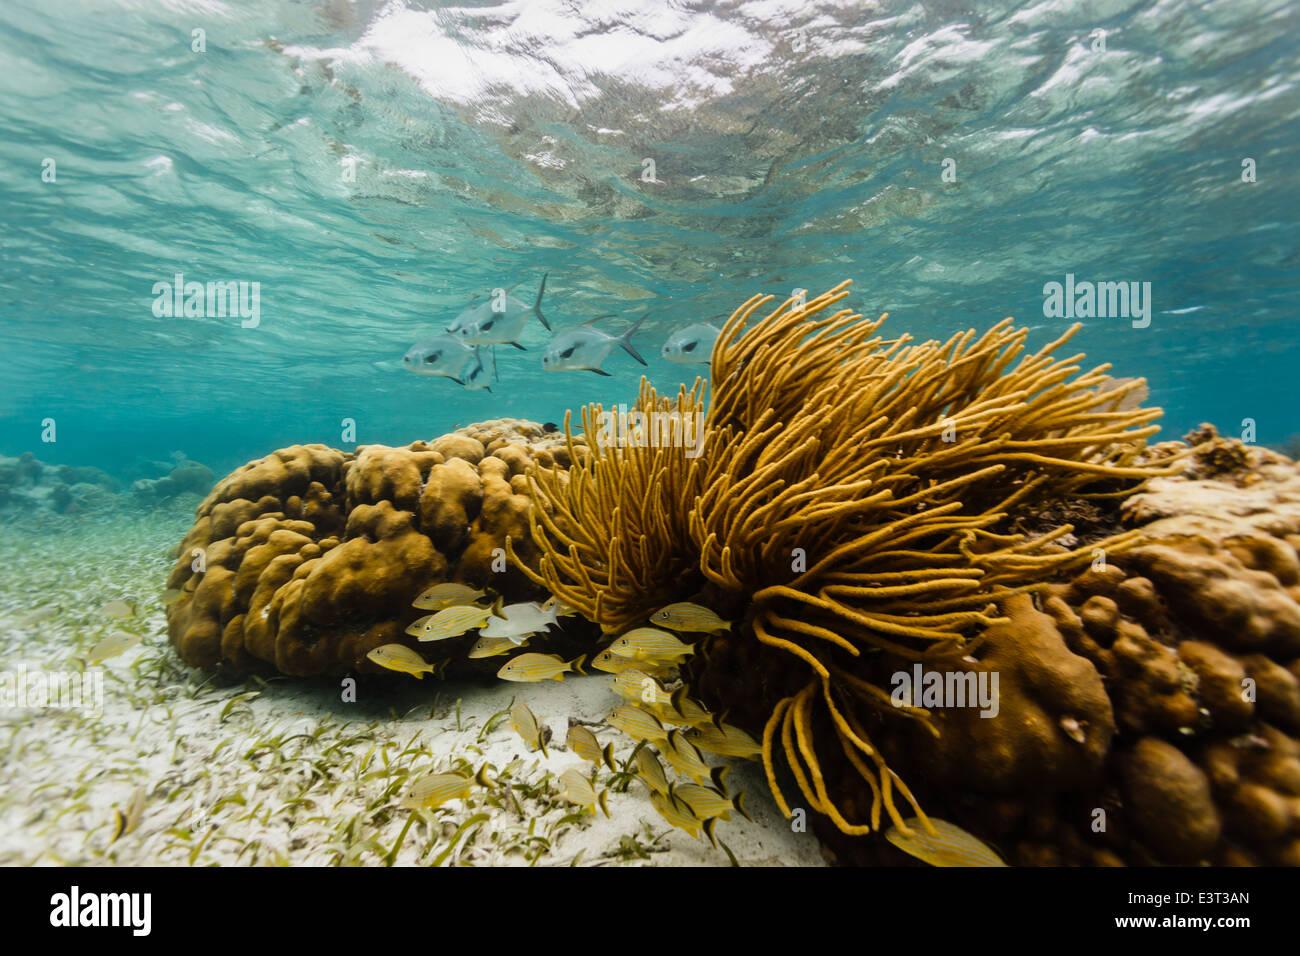 Scuola di big argento permettere il pesce con code di nero sulla Coral Reef Scuola di approccio di pesci di piccole Immagini Stock